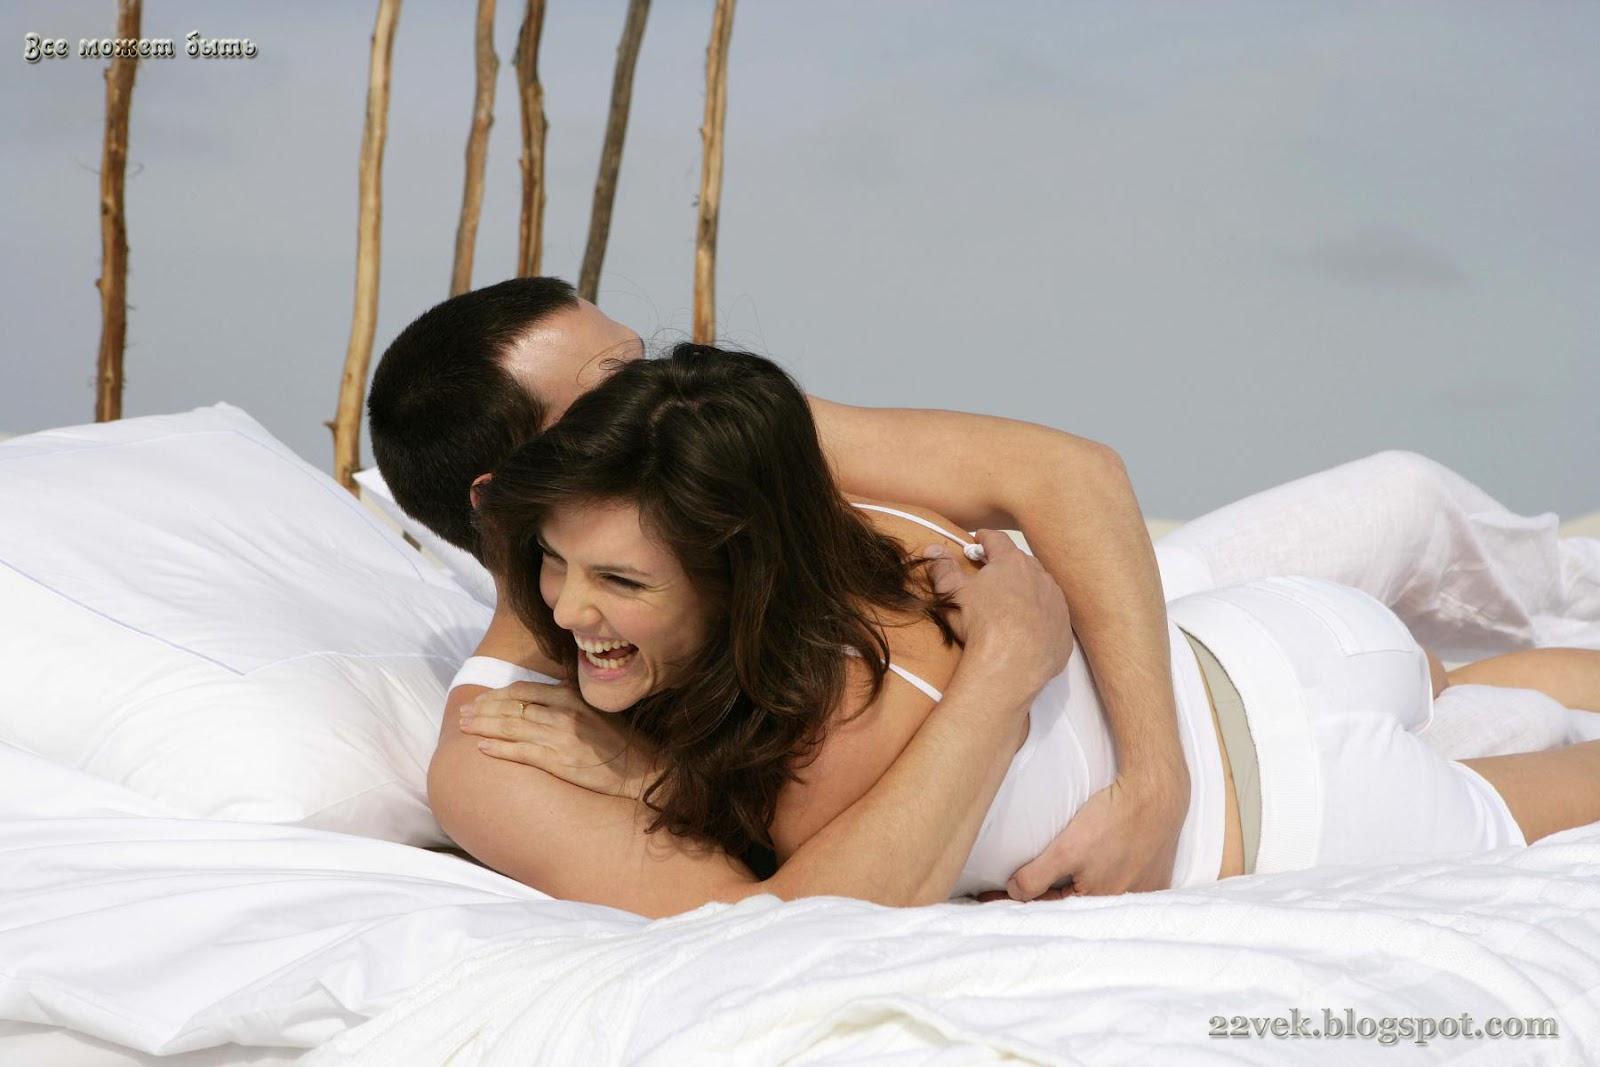 Супруги утром занялись любовью 22 фотография